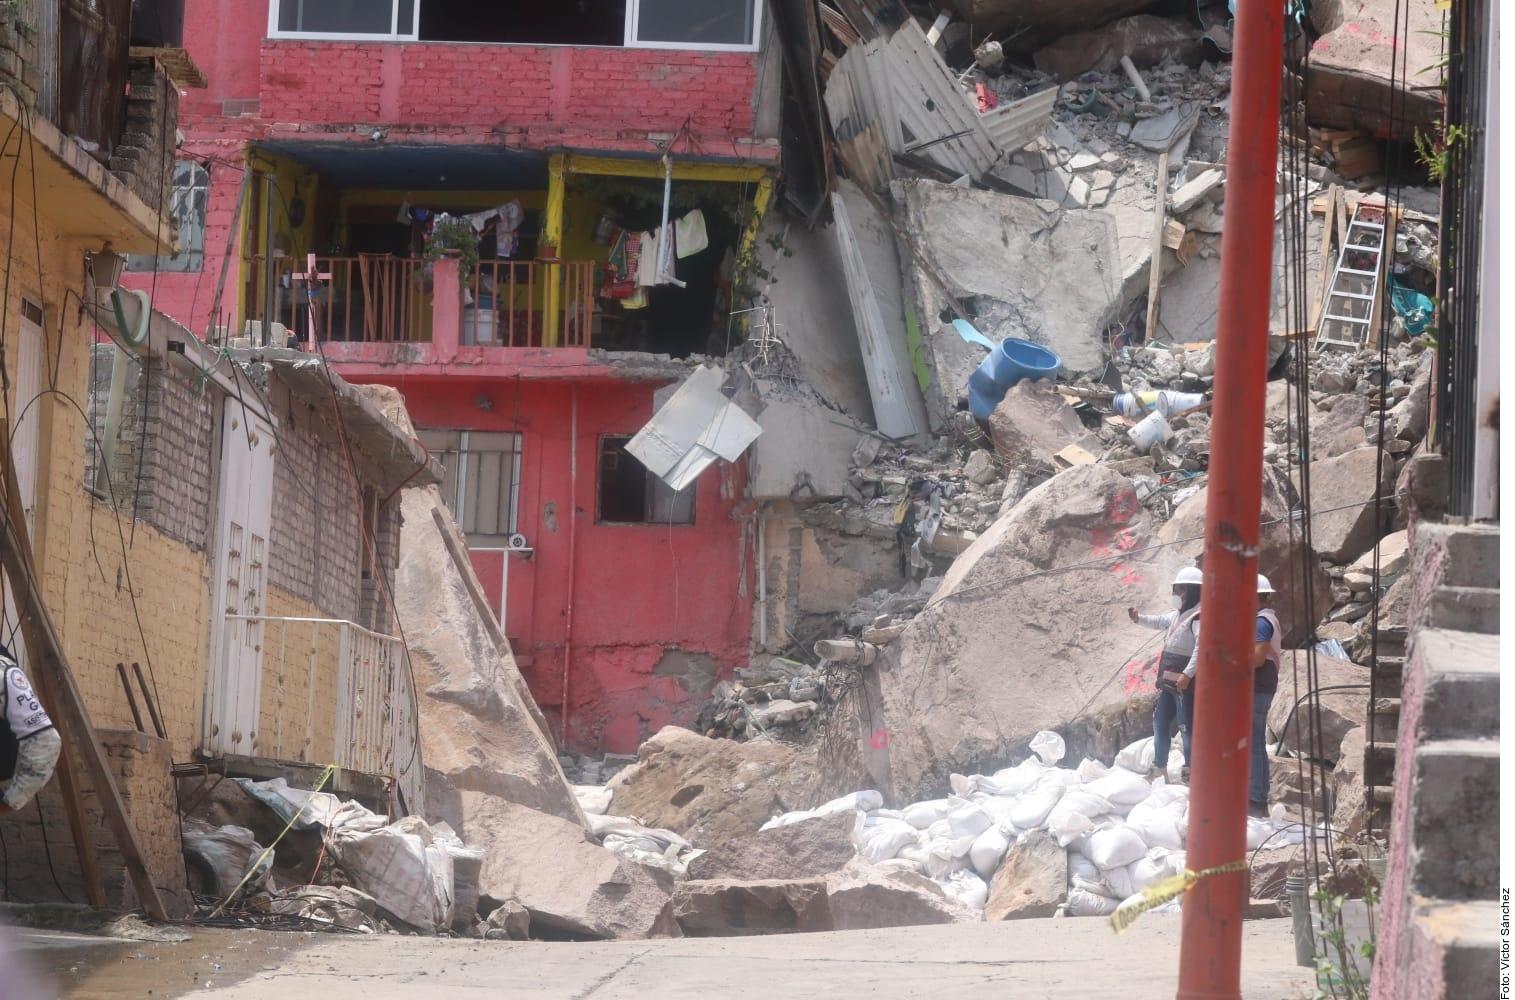 Derrumbe en el cerro del Chiquihuite deja 4 muertos. Foto: Agencia Reforma.